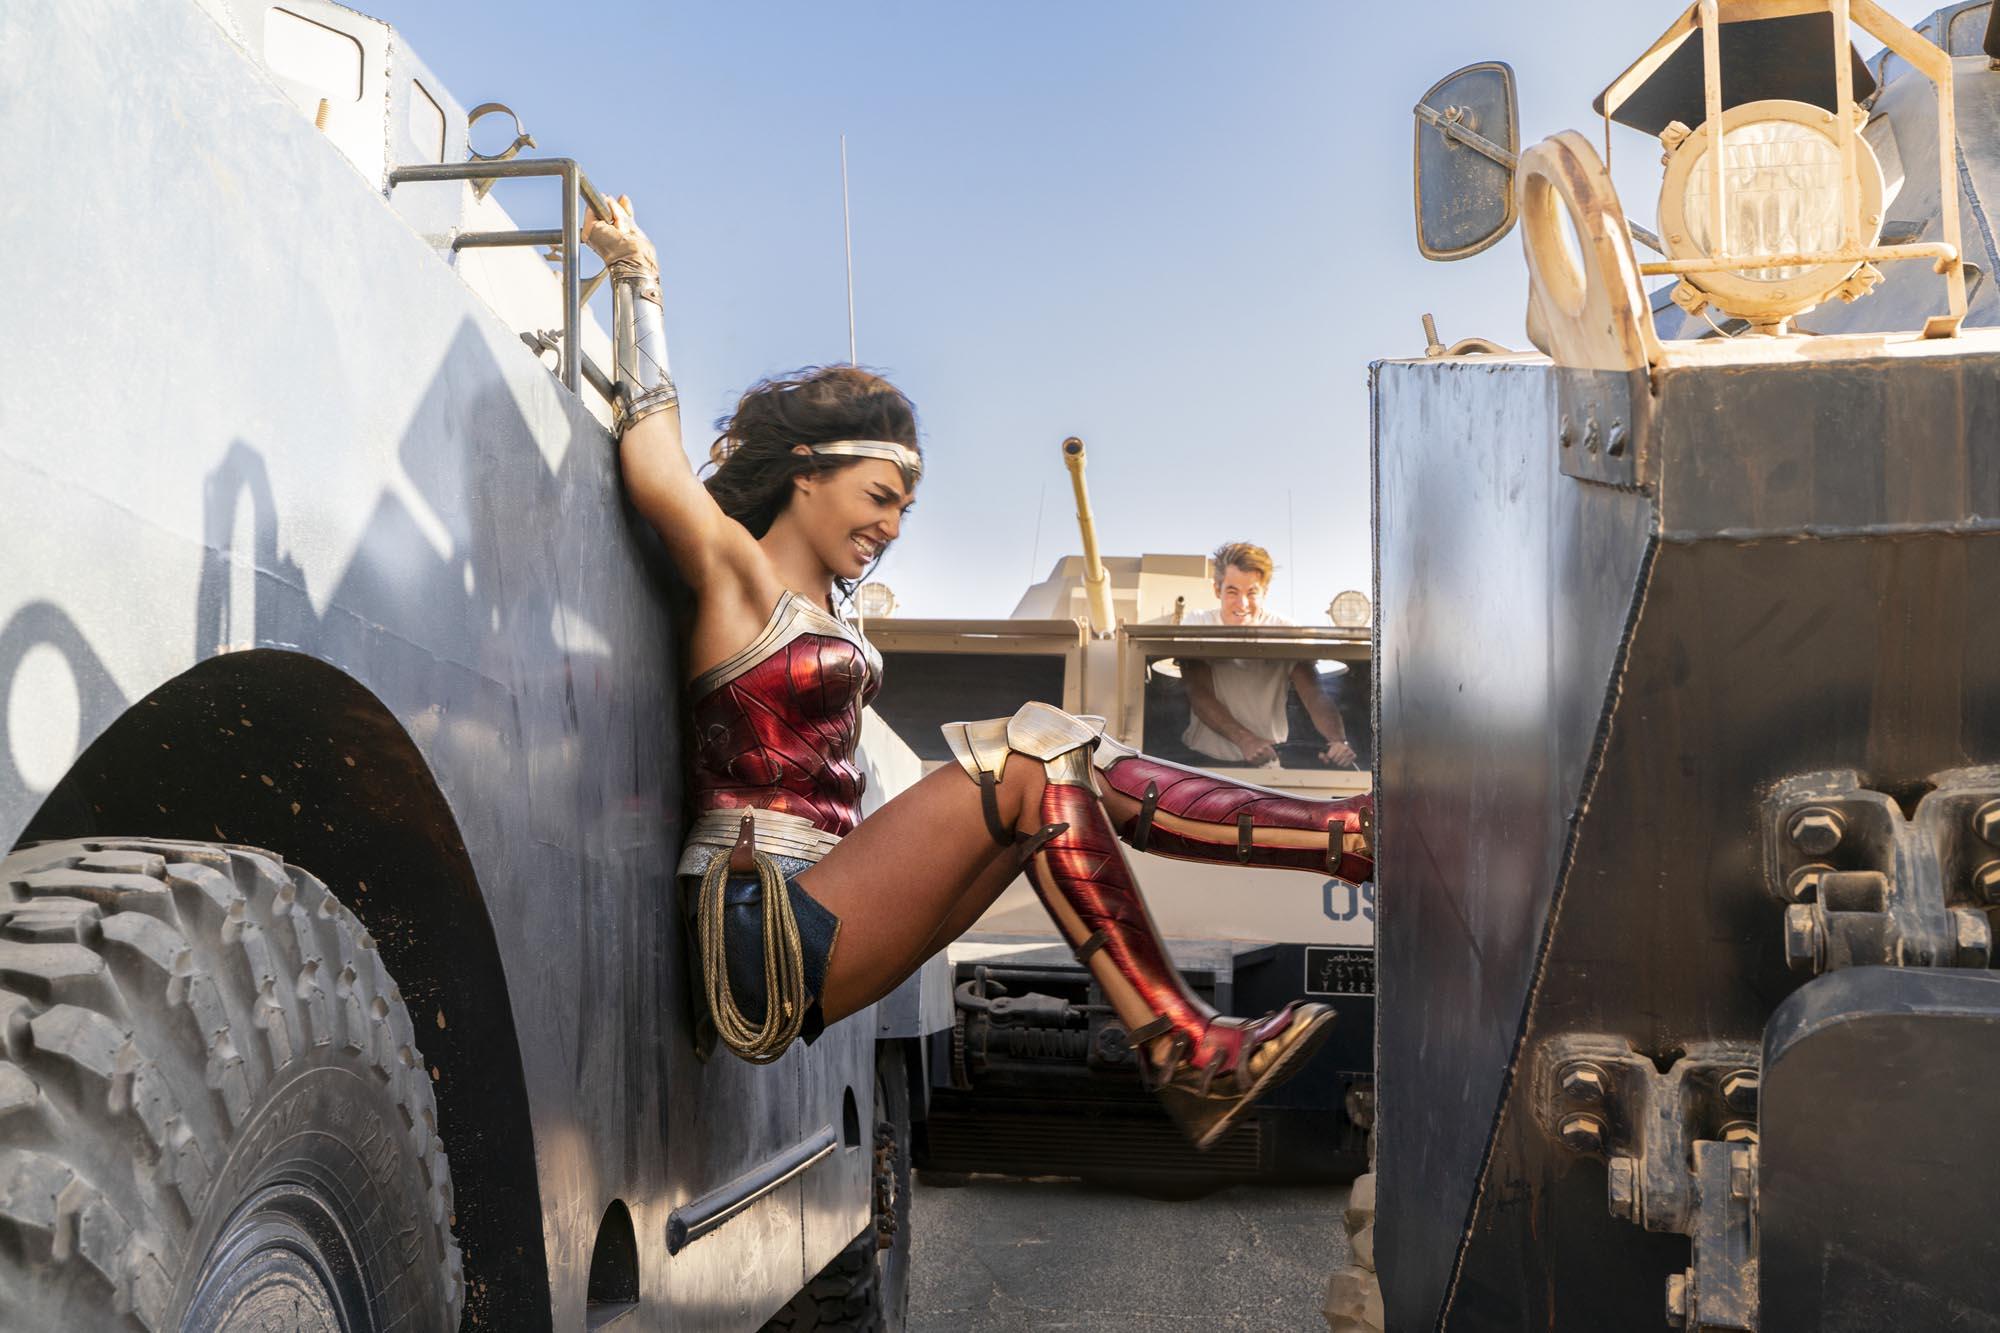 «Чудо-женщина: 1984»: феминистский символизм и детский сюжет фильма 2